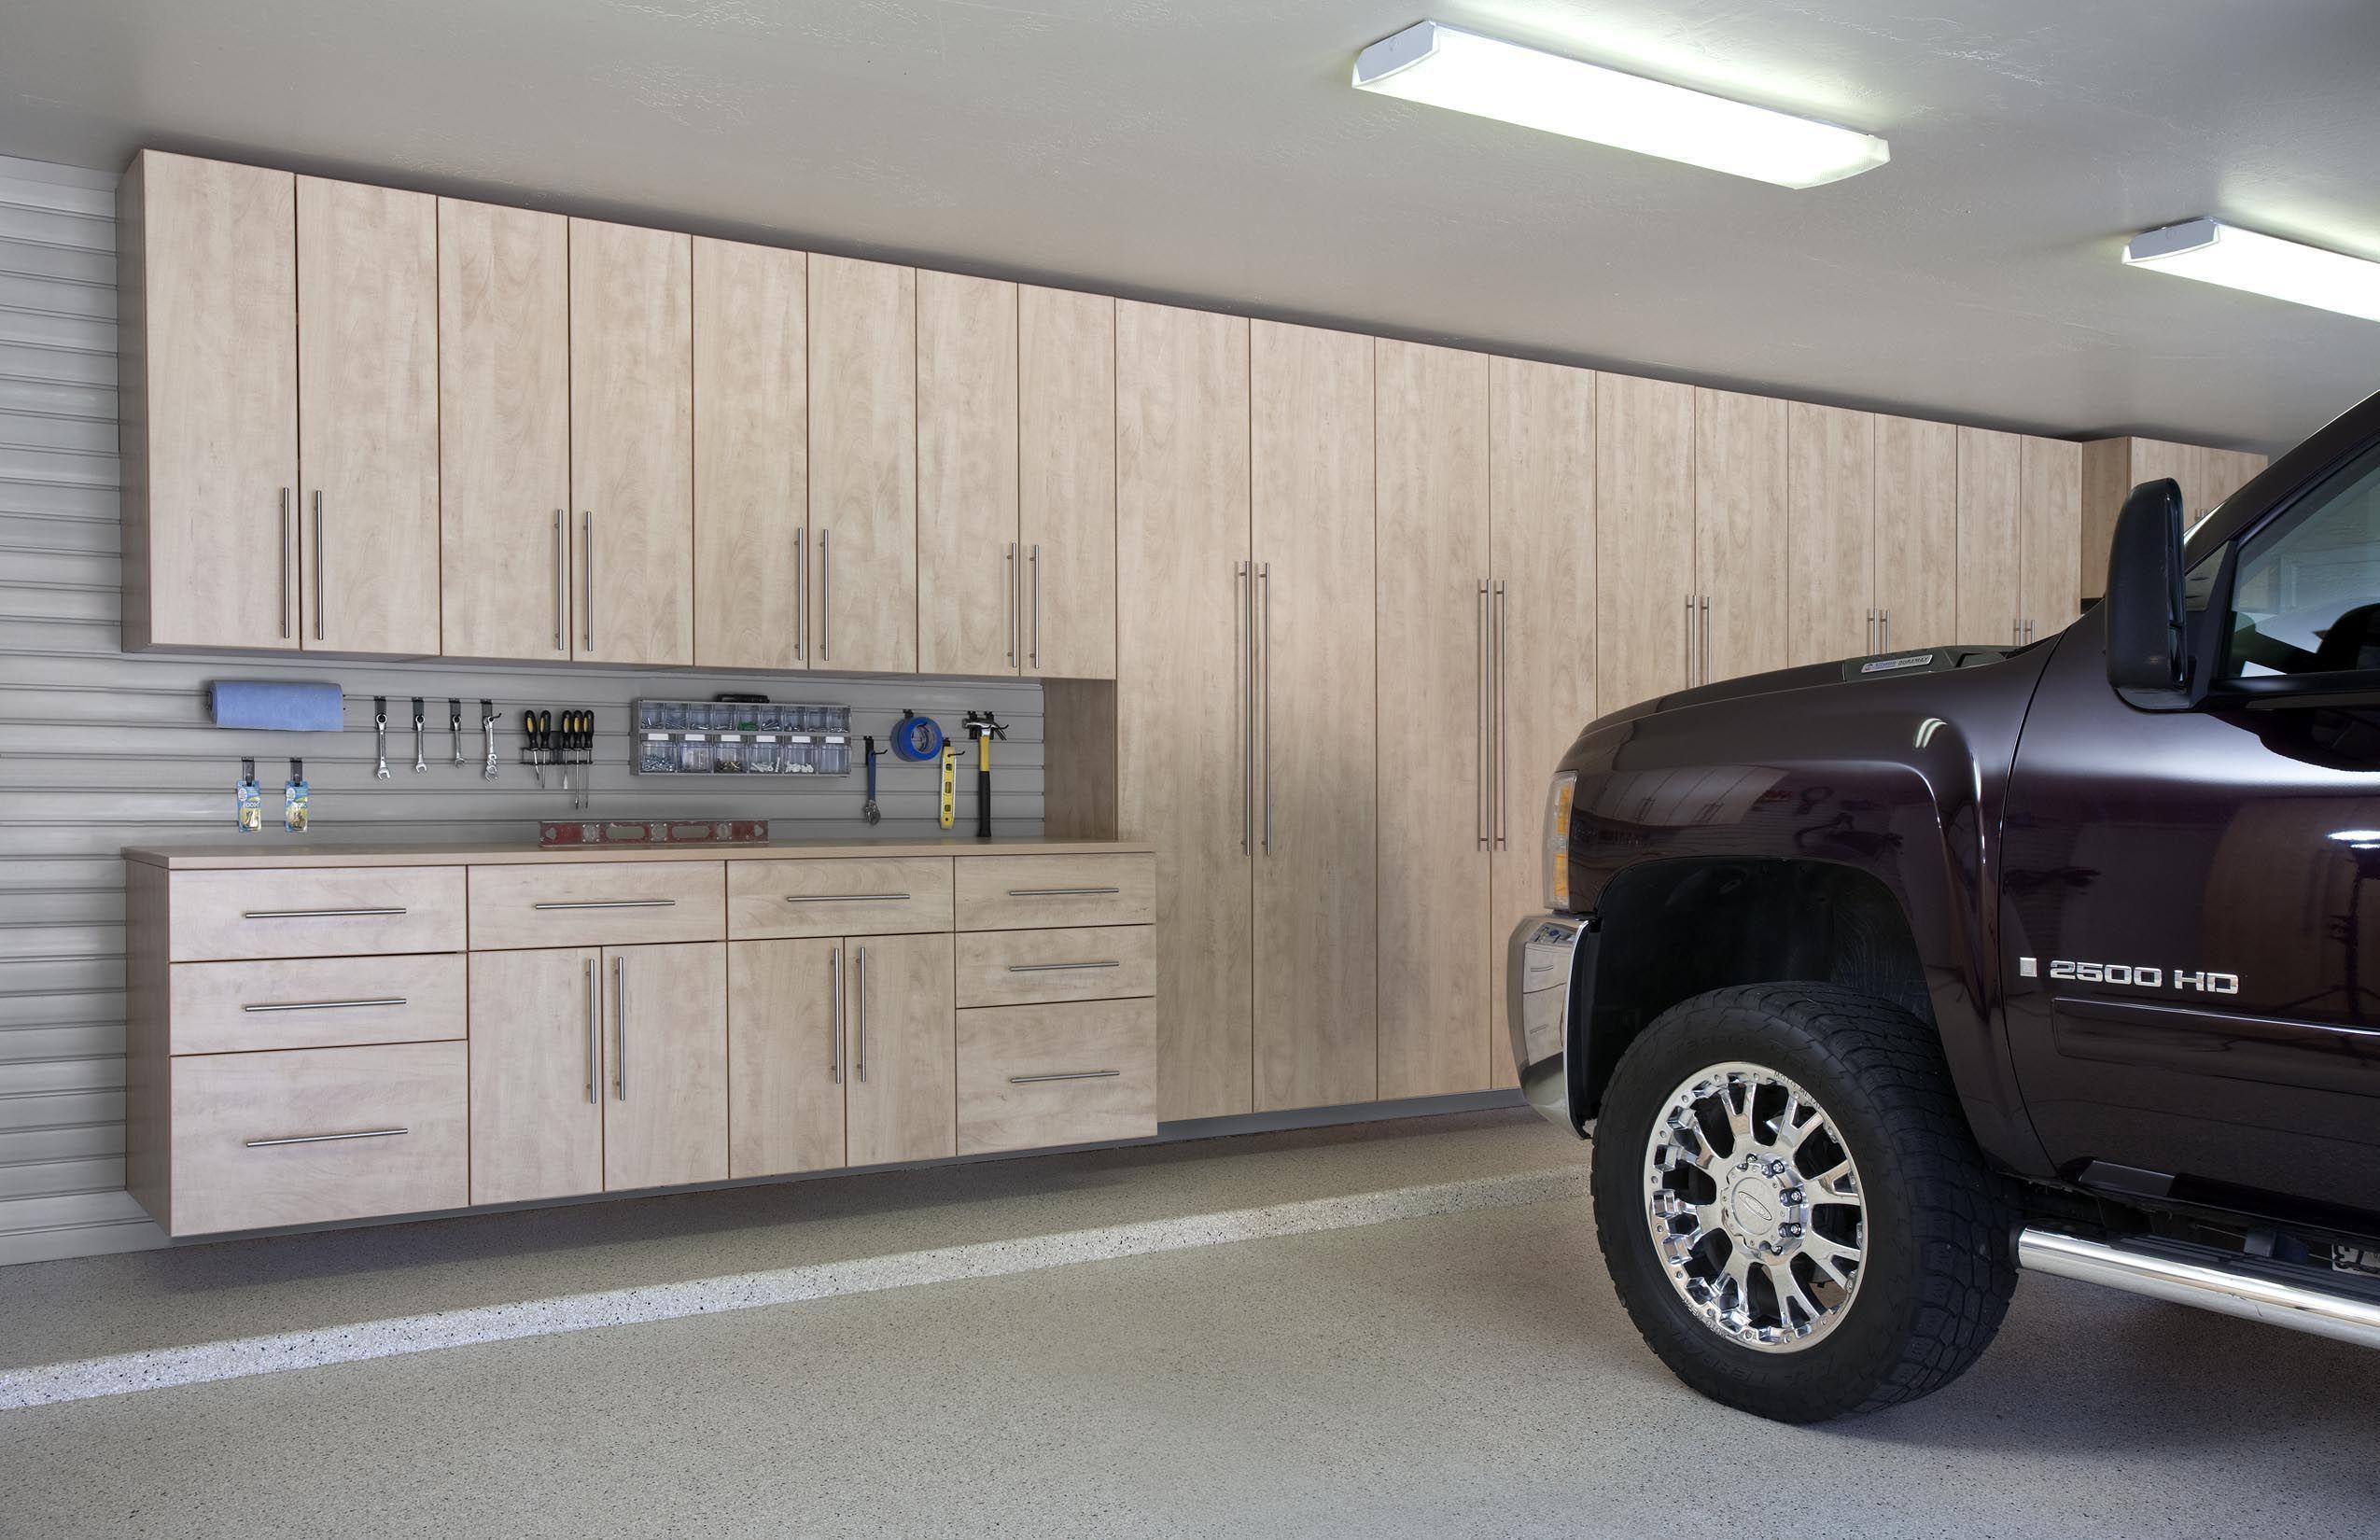 ikea garage storage systems garage organizer 2550x1650 garage storage garage organization kansas garageorganizer - Ikea Garage Storage Systems